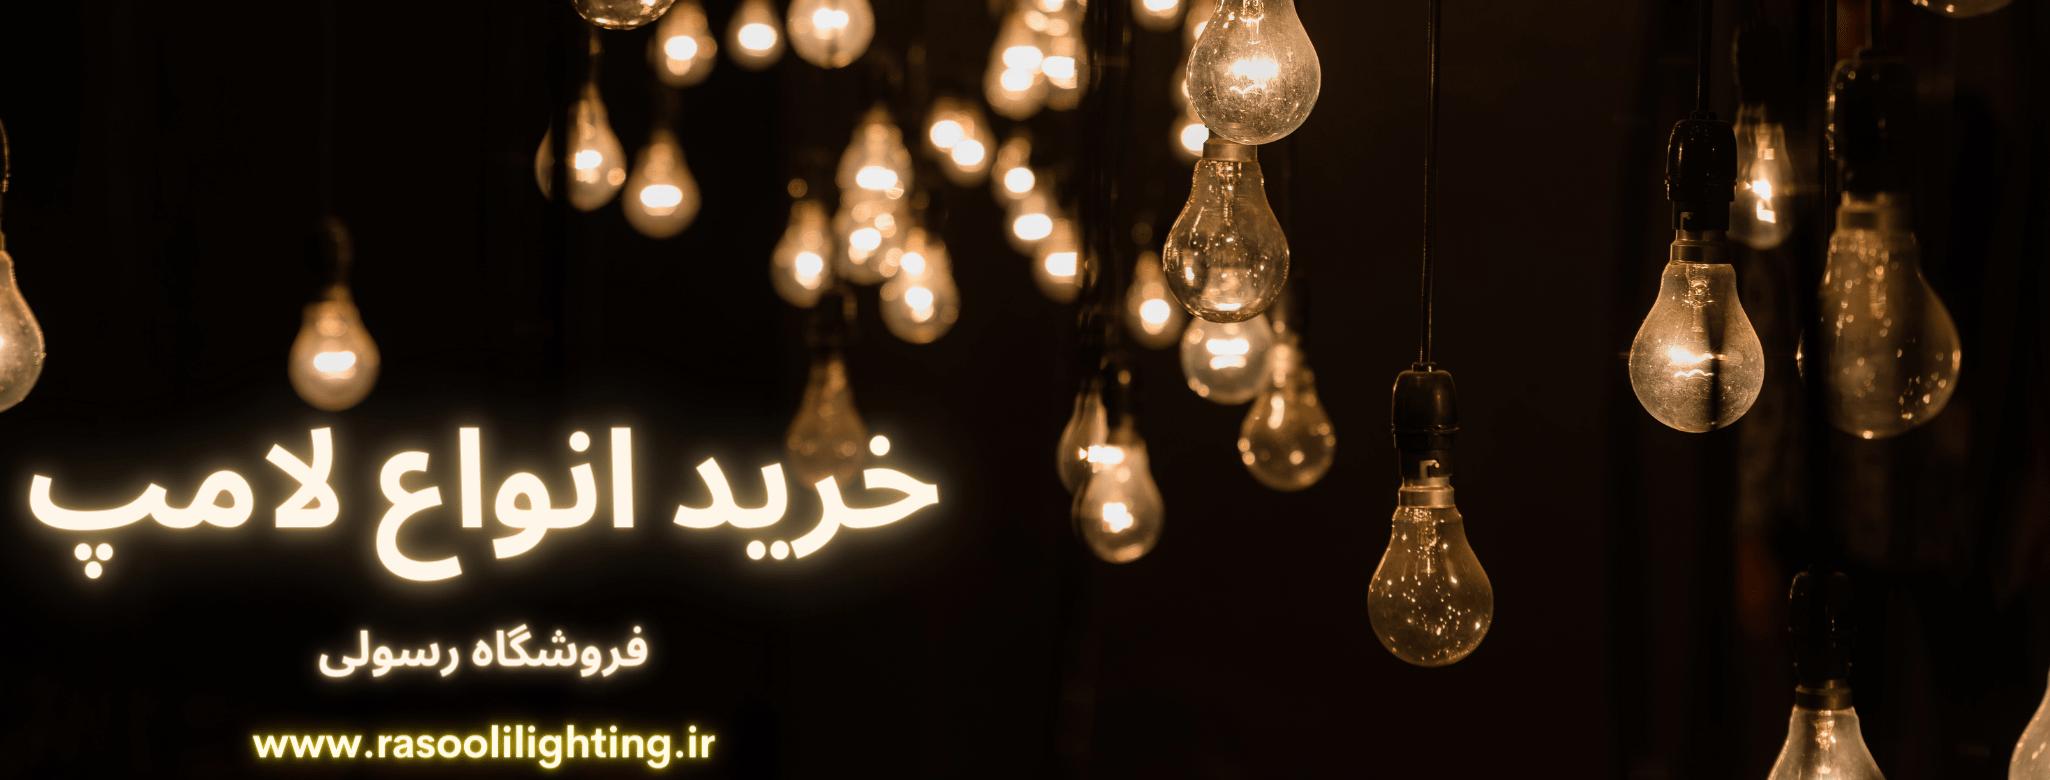 خرید انواع لامپ